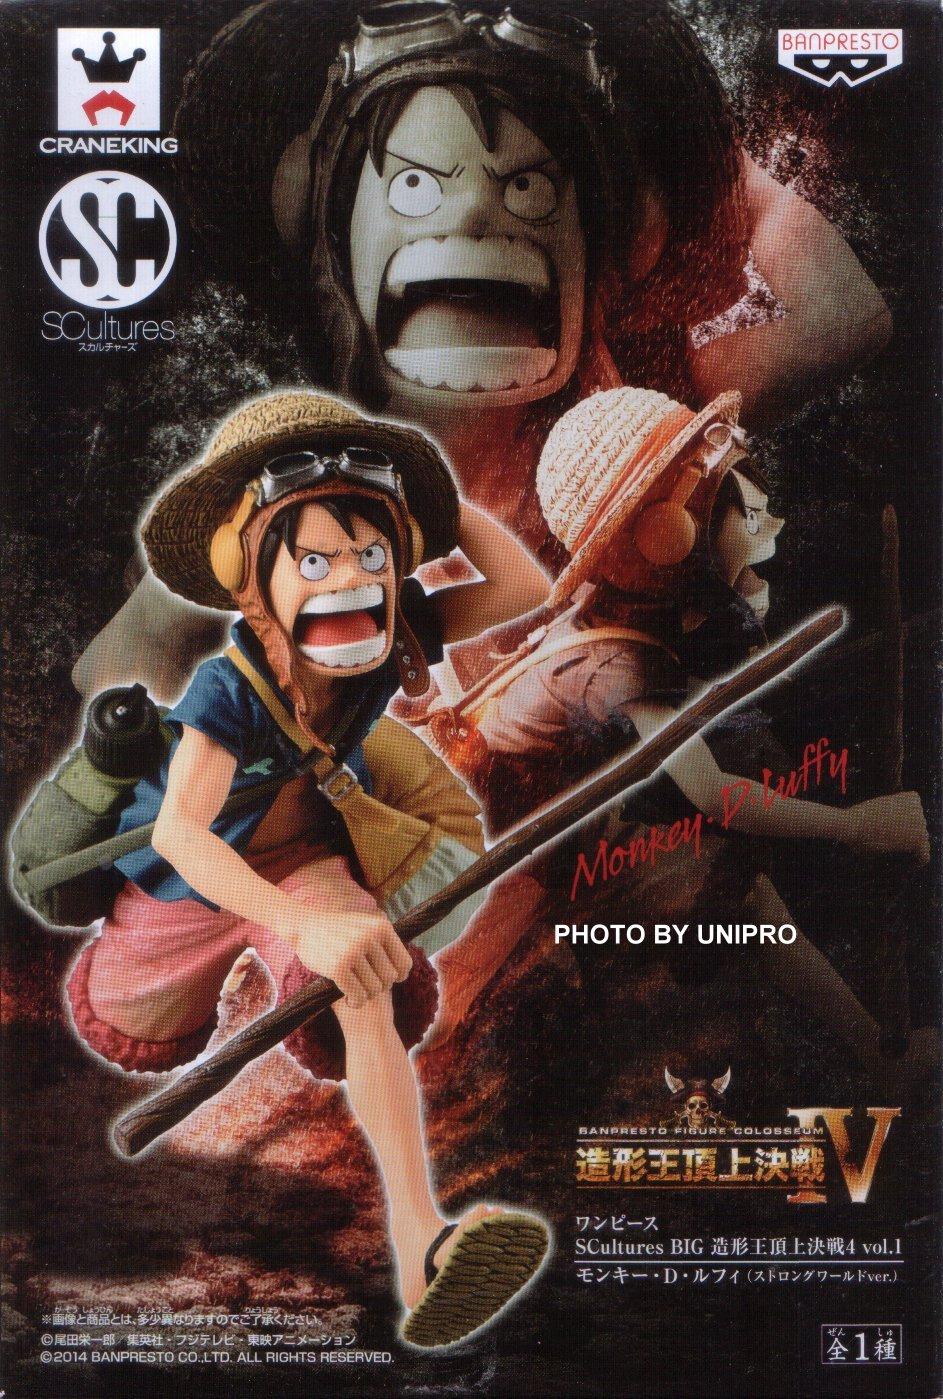 日版金證 頂上決戰4 魯夫 草帽 背包 強者天下 海賊王 航海王 公仔 One Piece